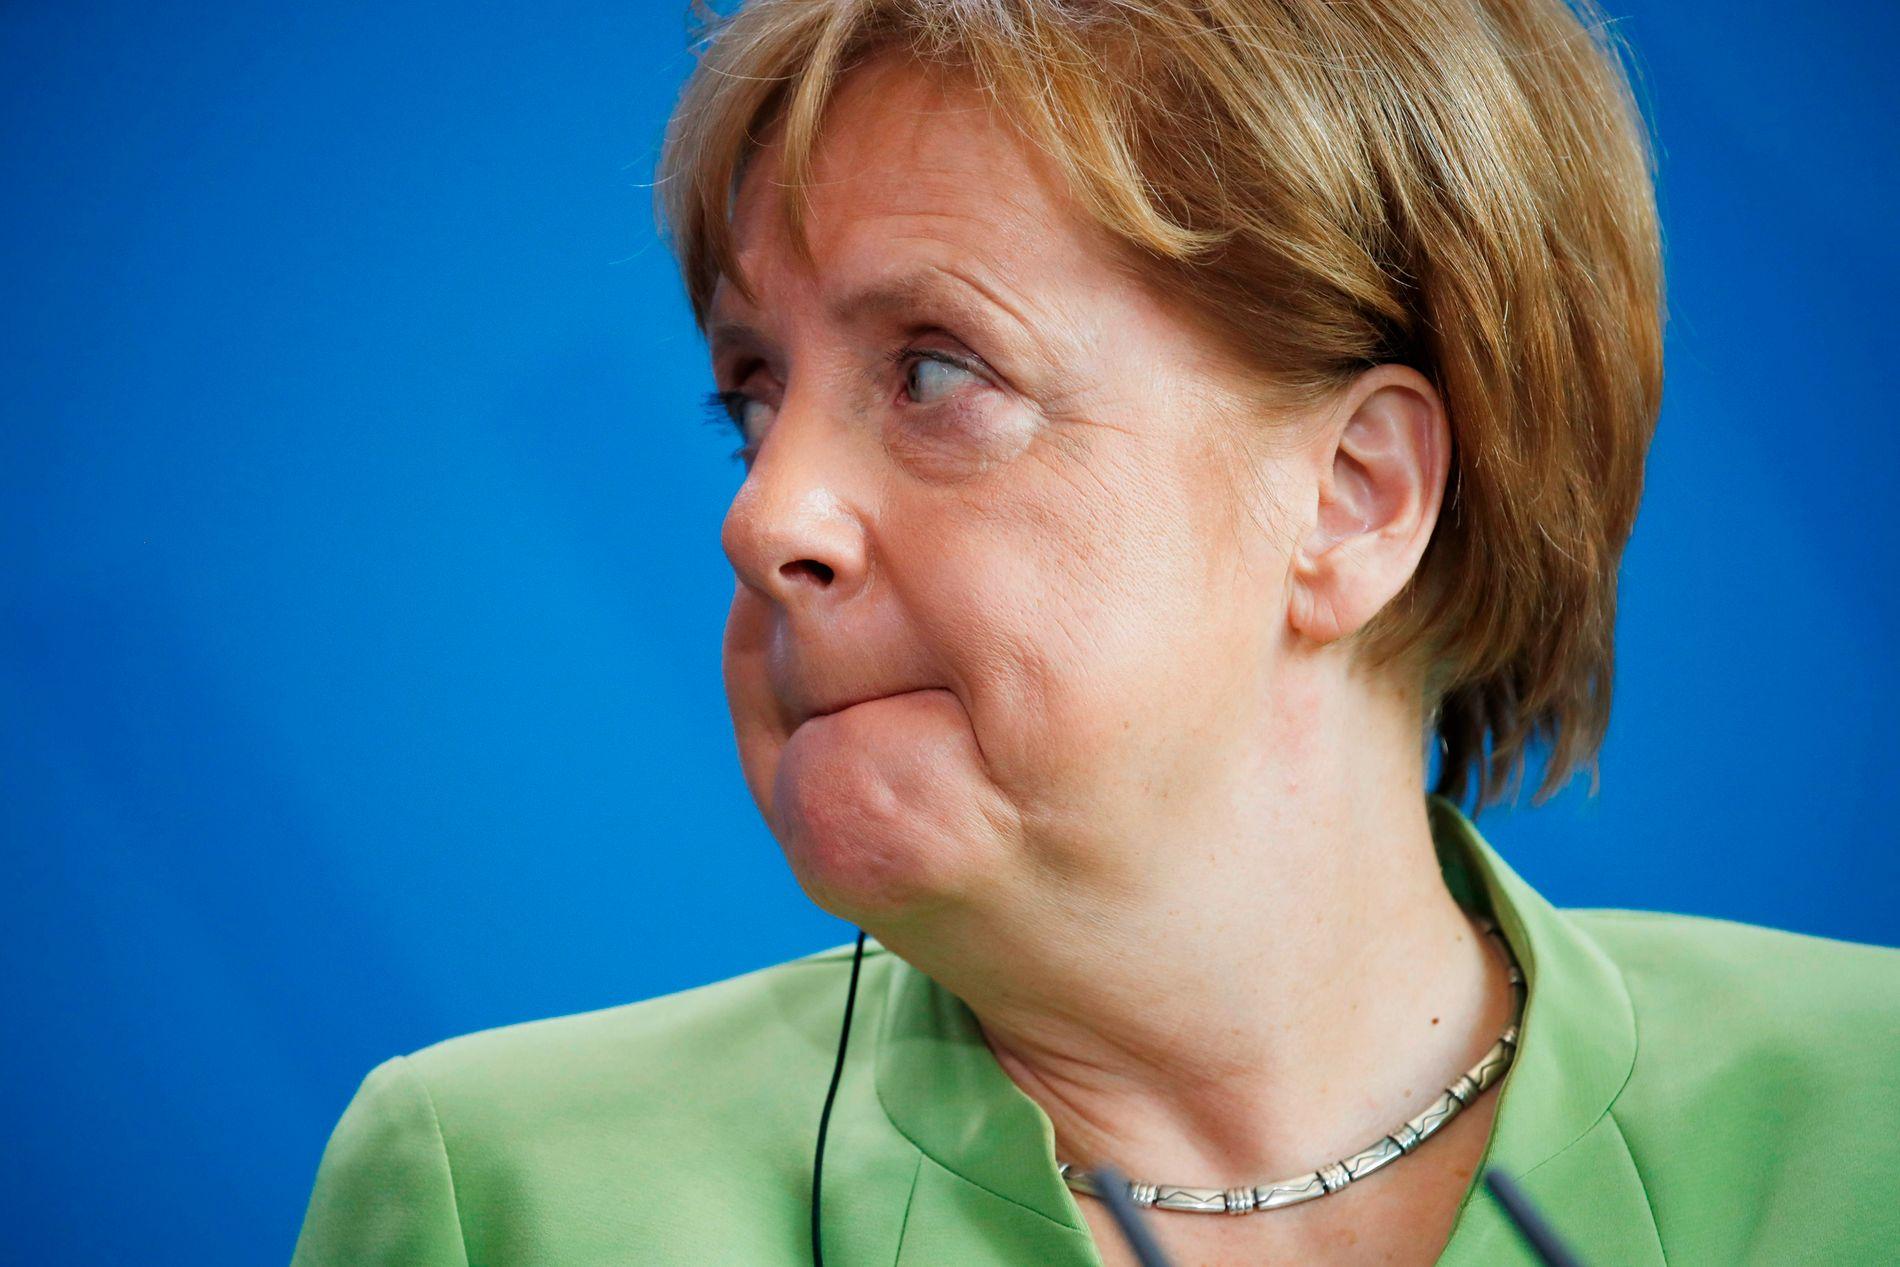 BEKYMRET: Angela Merkel, Tysklands forbundskansler.